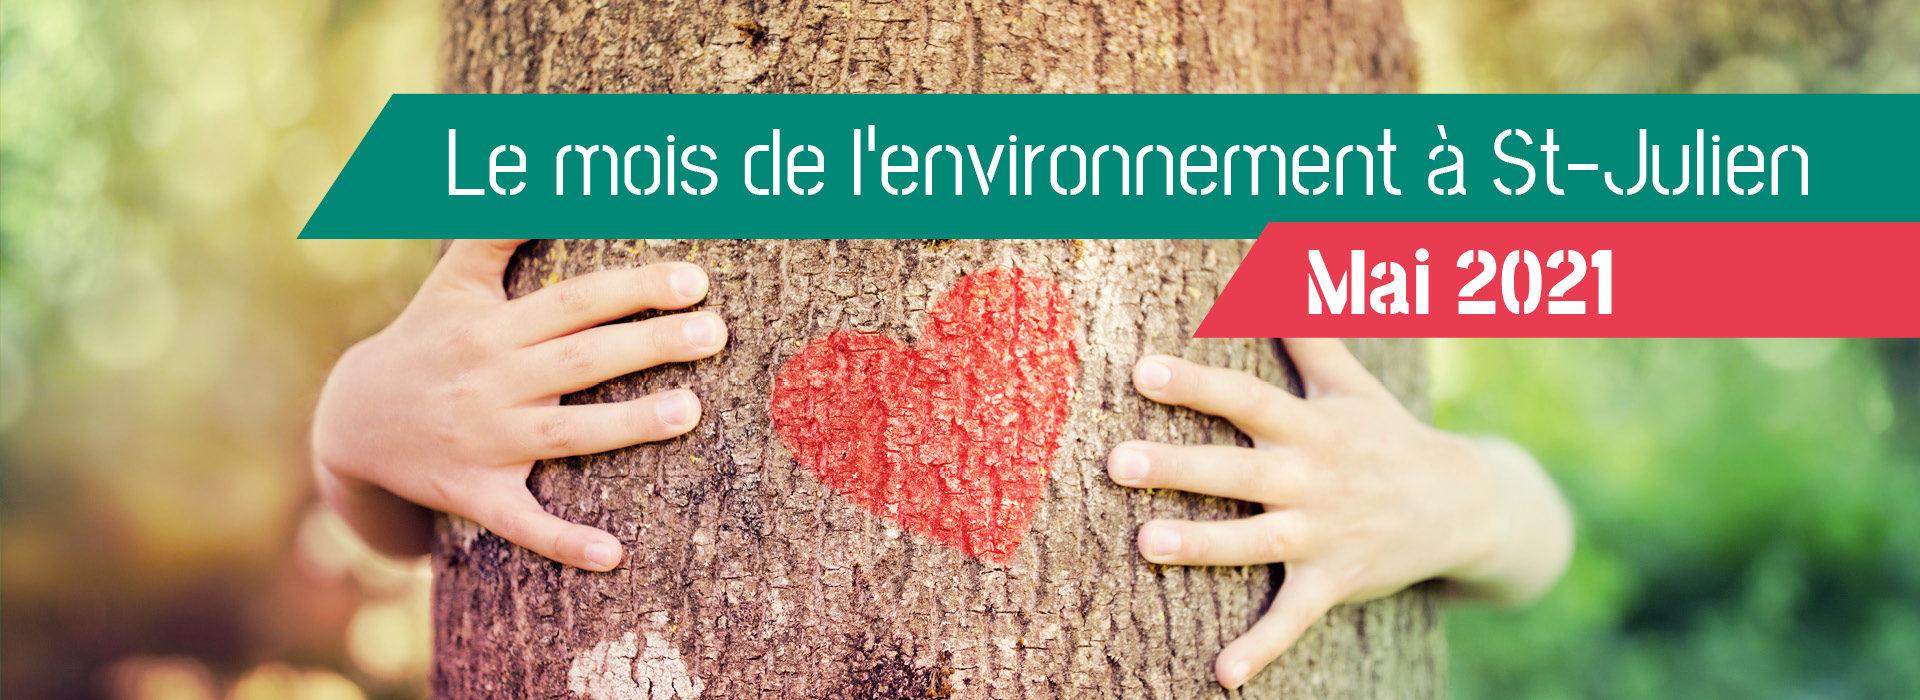 Le mois de l'environnement